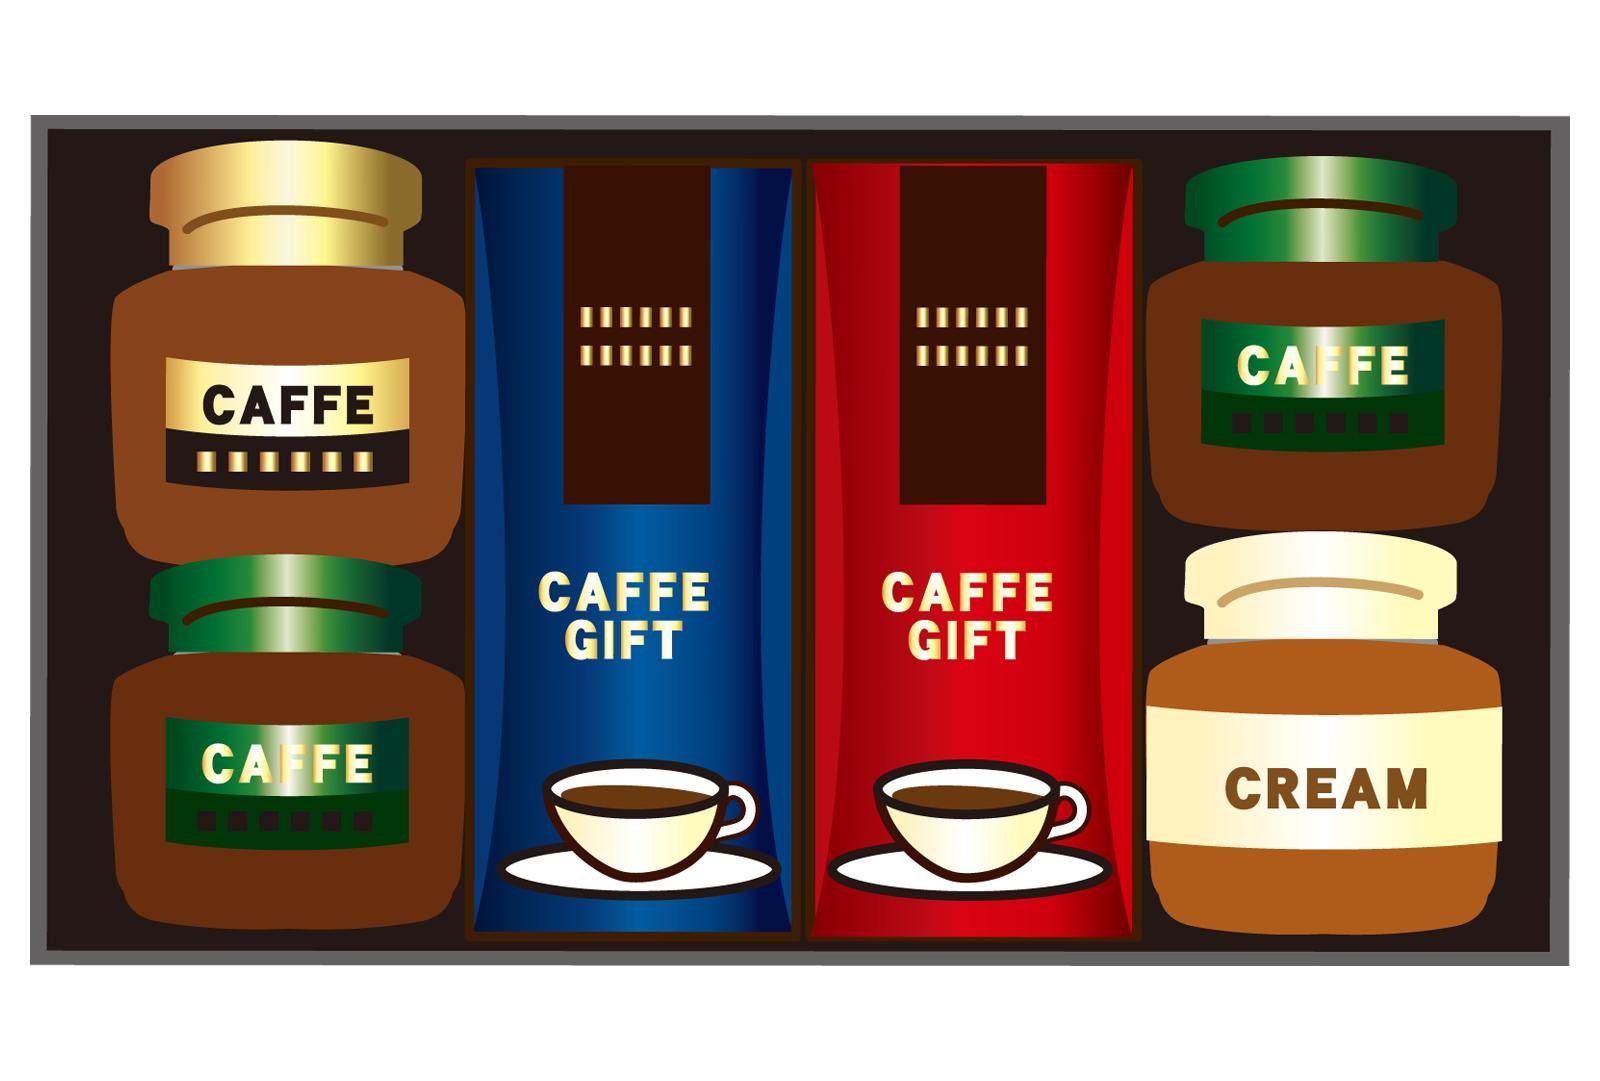 コーヒーのギフトセットのイメージ画像